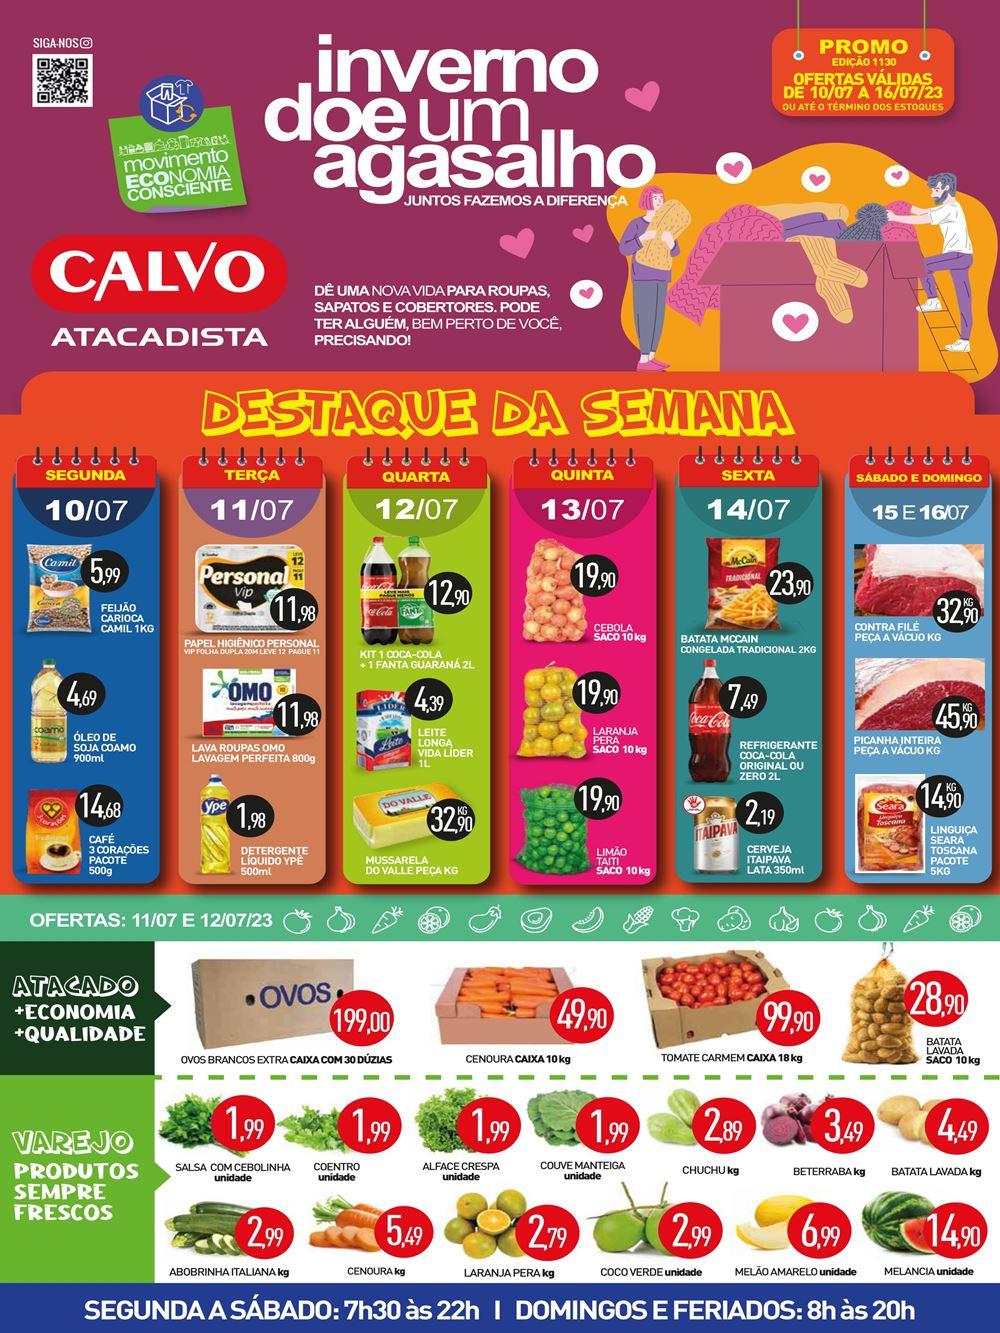 calvo-ofertas-descontos-hoje1-3 Ofertas de supermercados